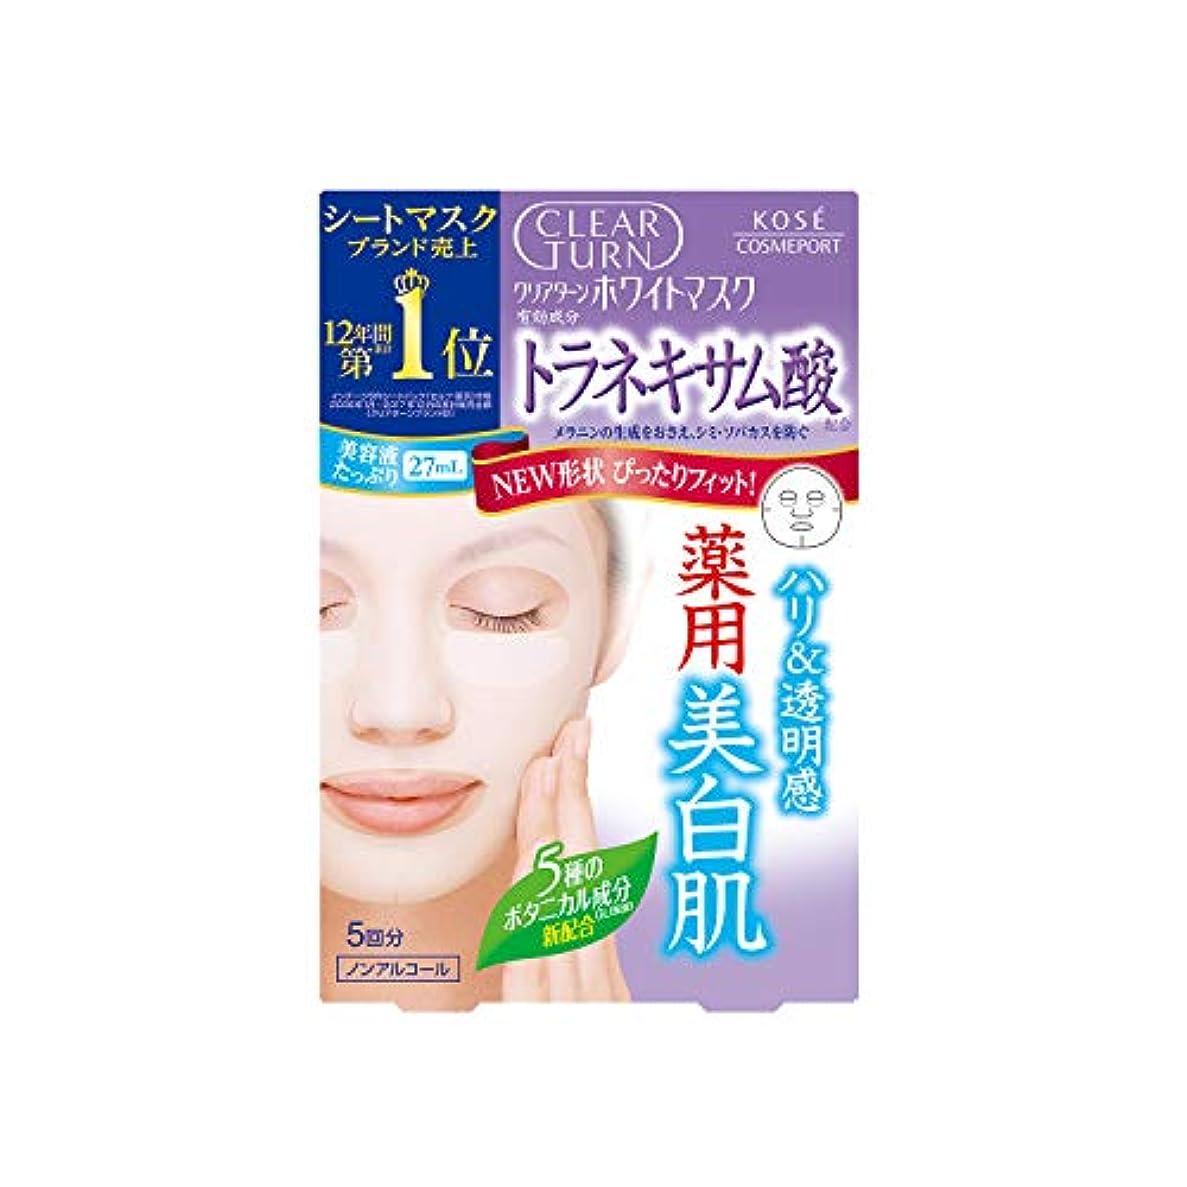 小石肺炎必須KOSE クリアターン ホワイト マスク トラネキサム酸 5回分 22mL×5 【医薬部外品】